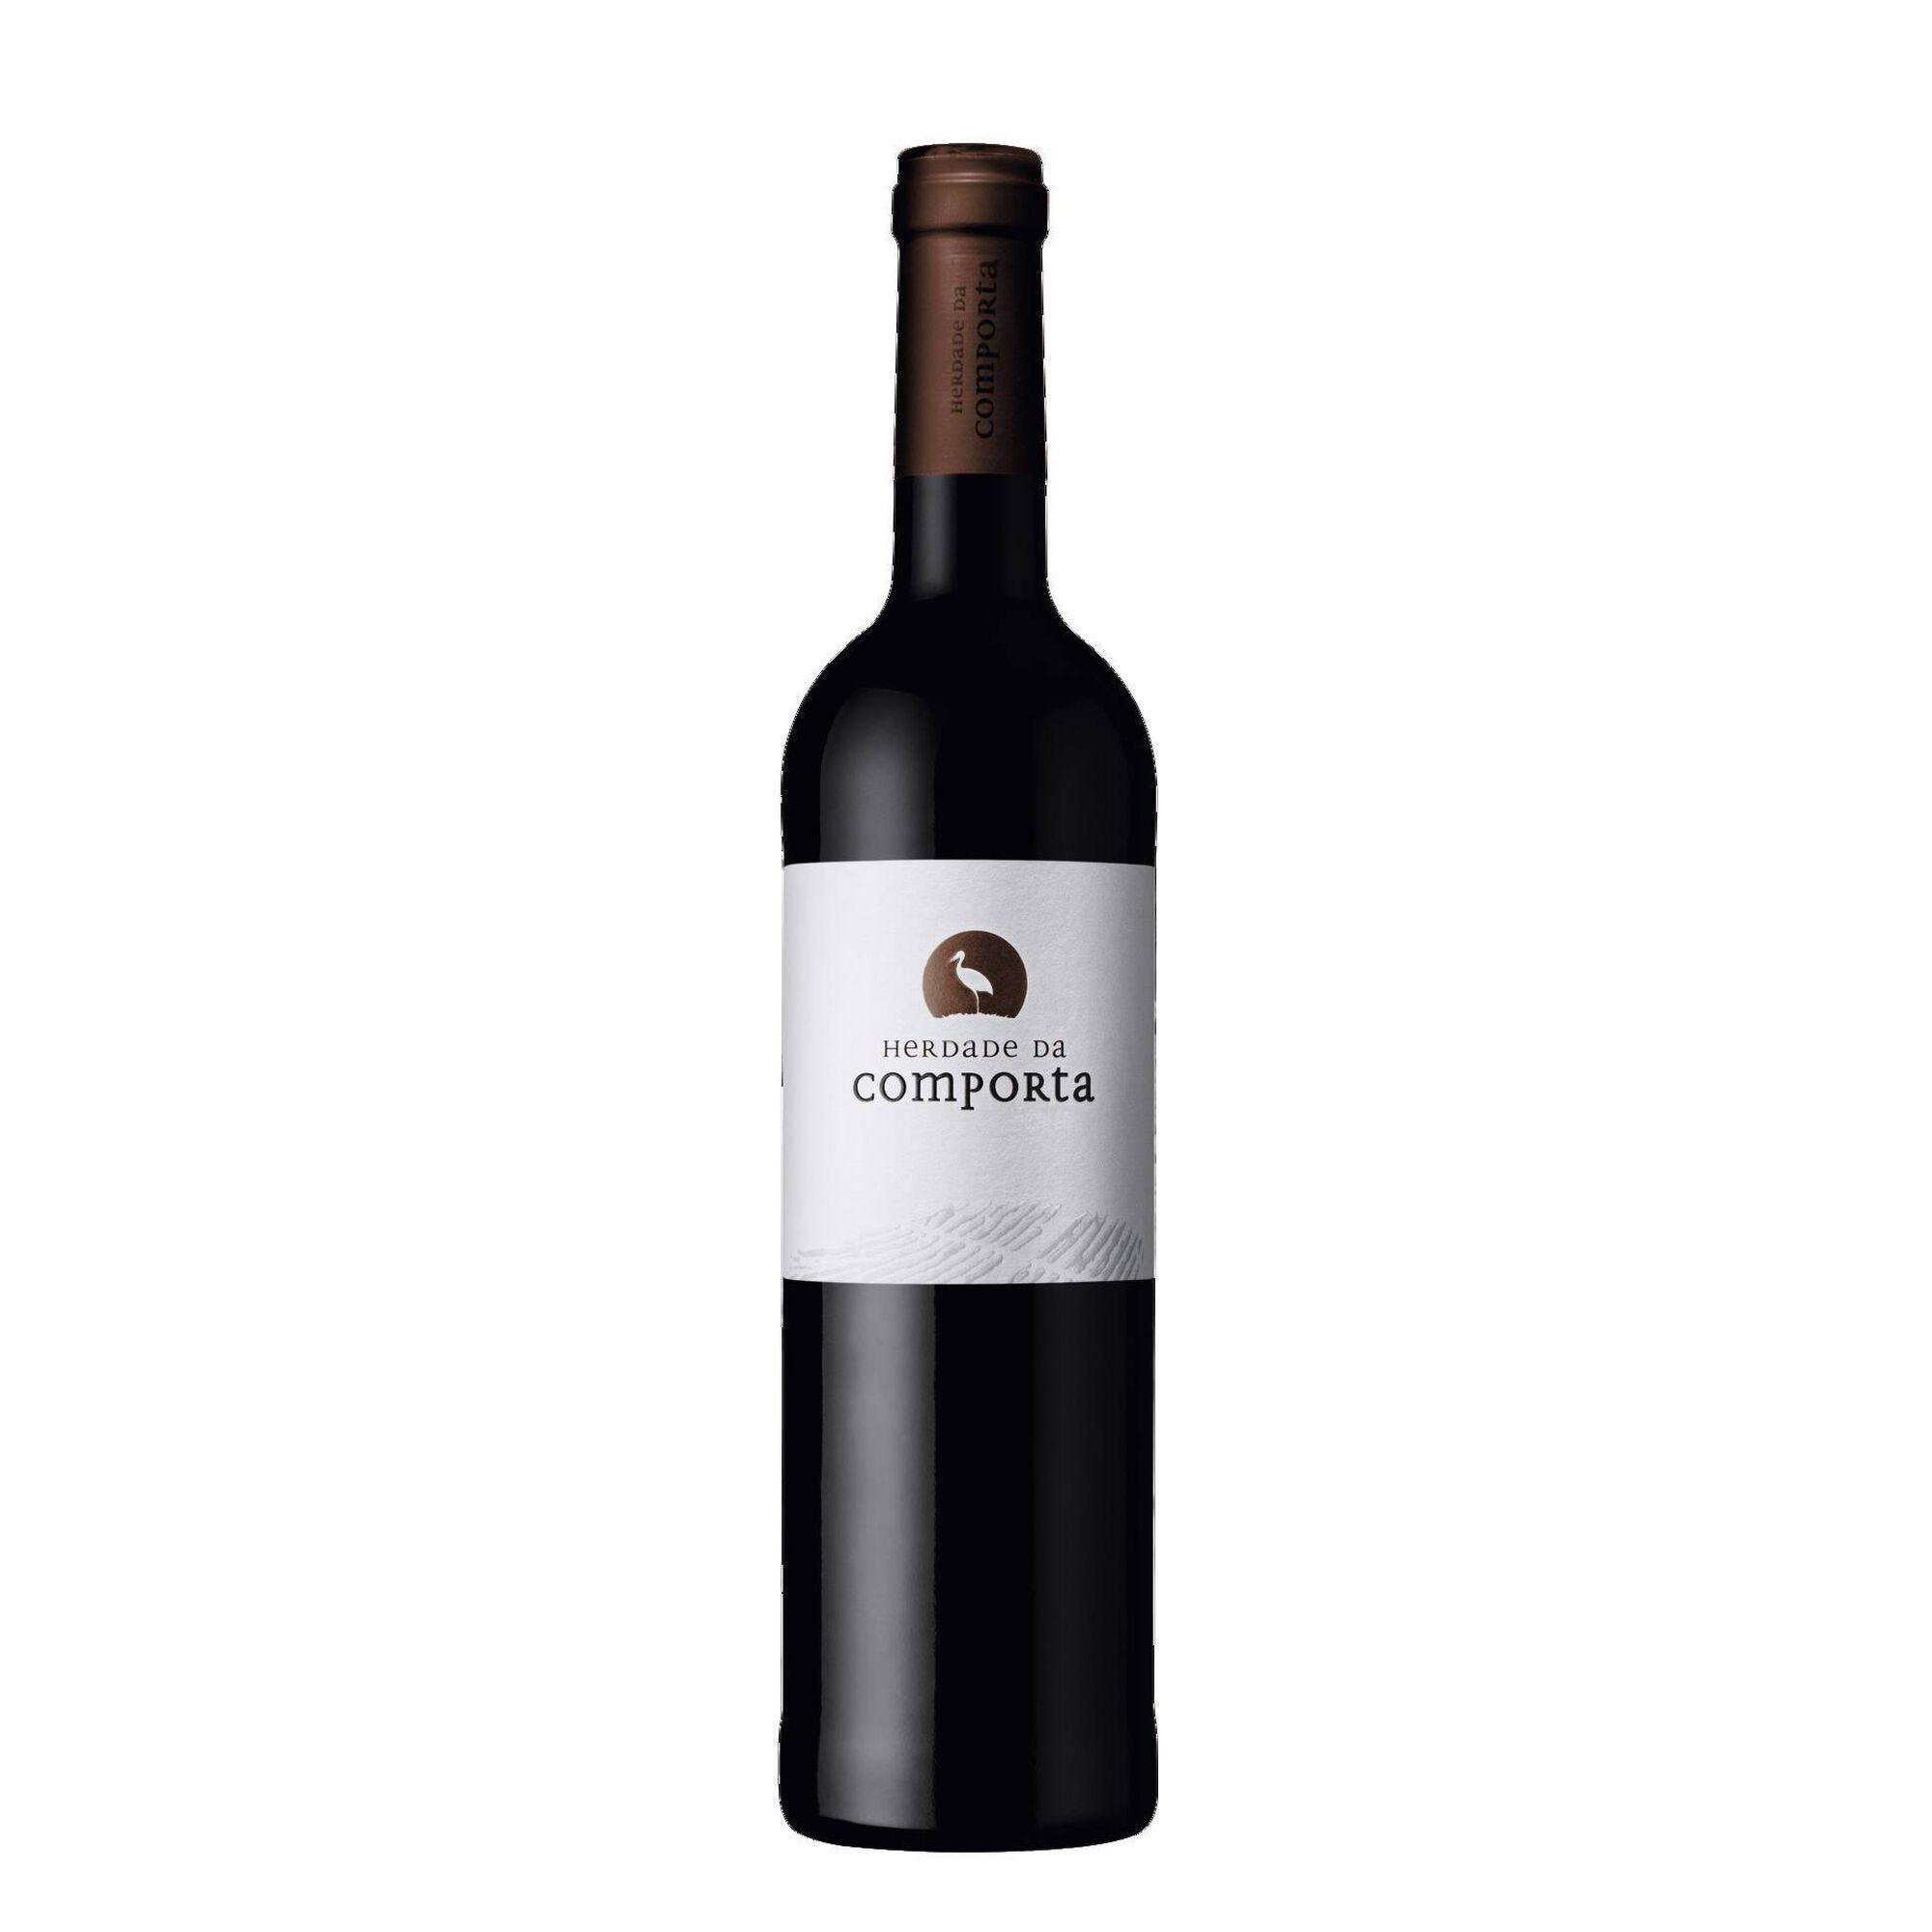 Herdade da Comporta Regional Península de Setúbal Vinho Tinto